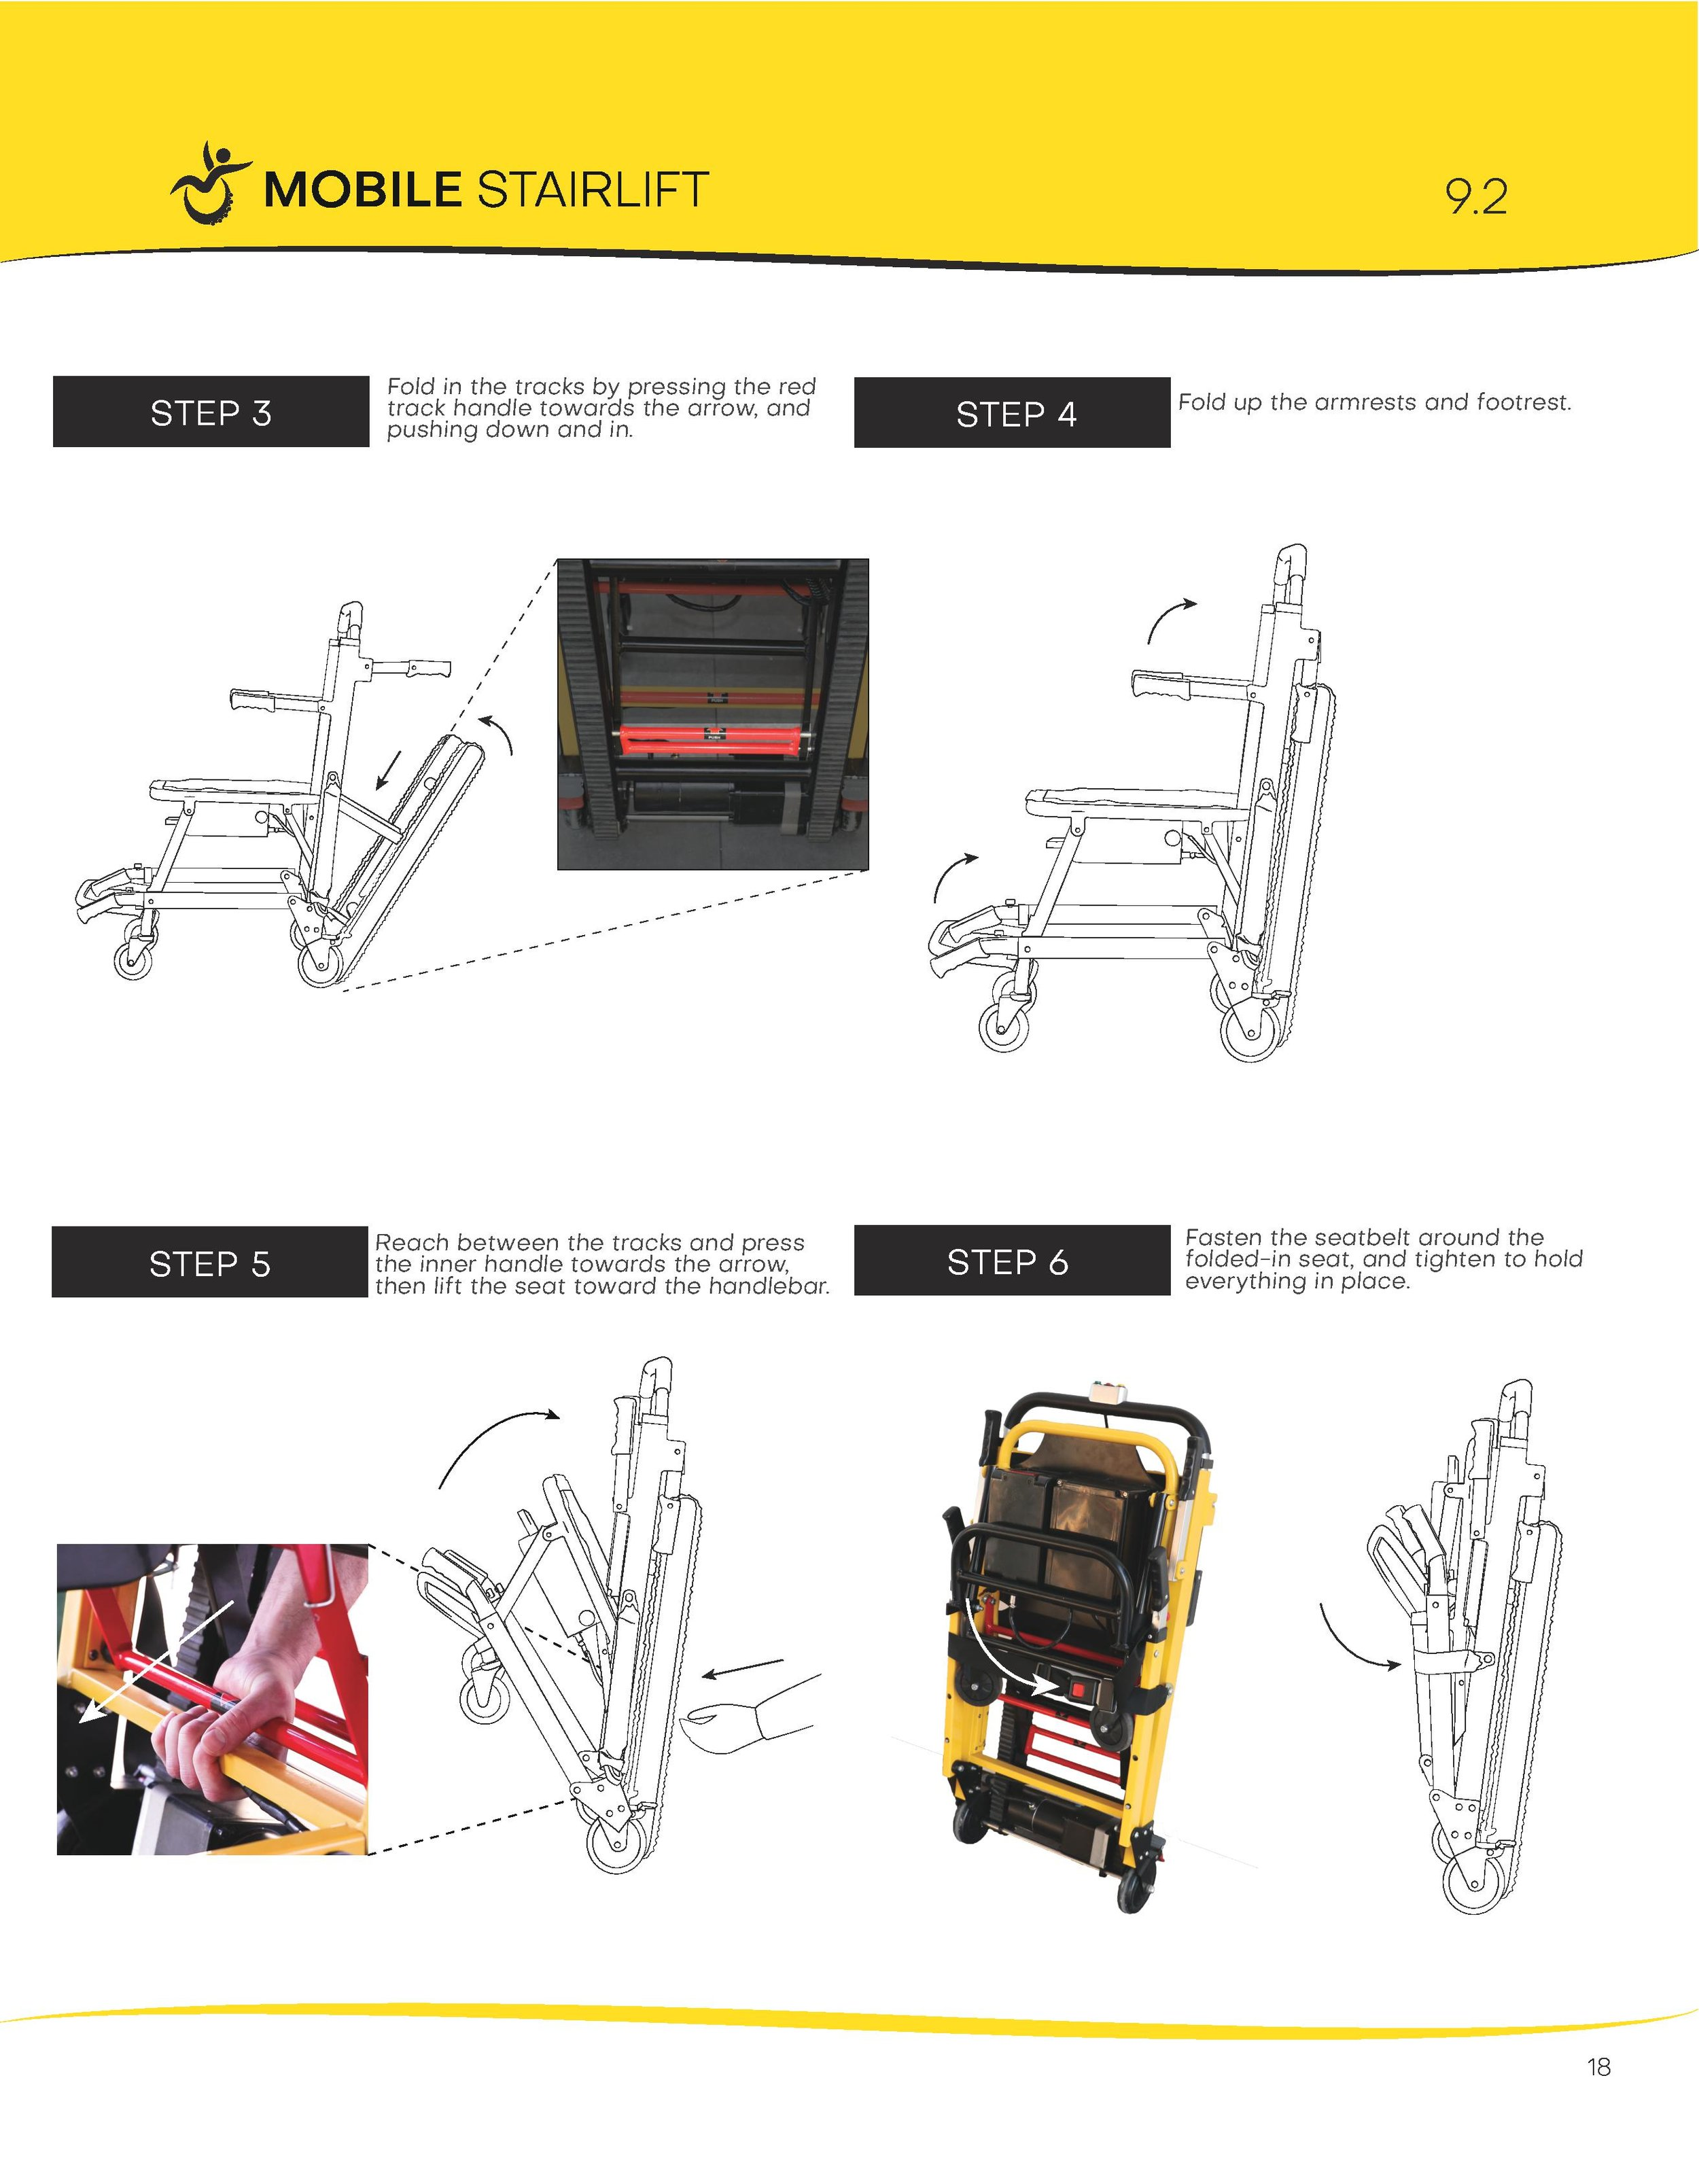 Mobile Stairlift Instruction Manual-19.jpg